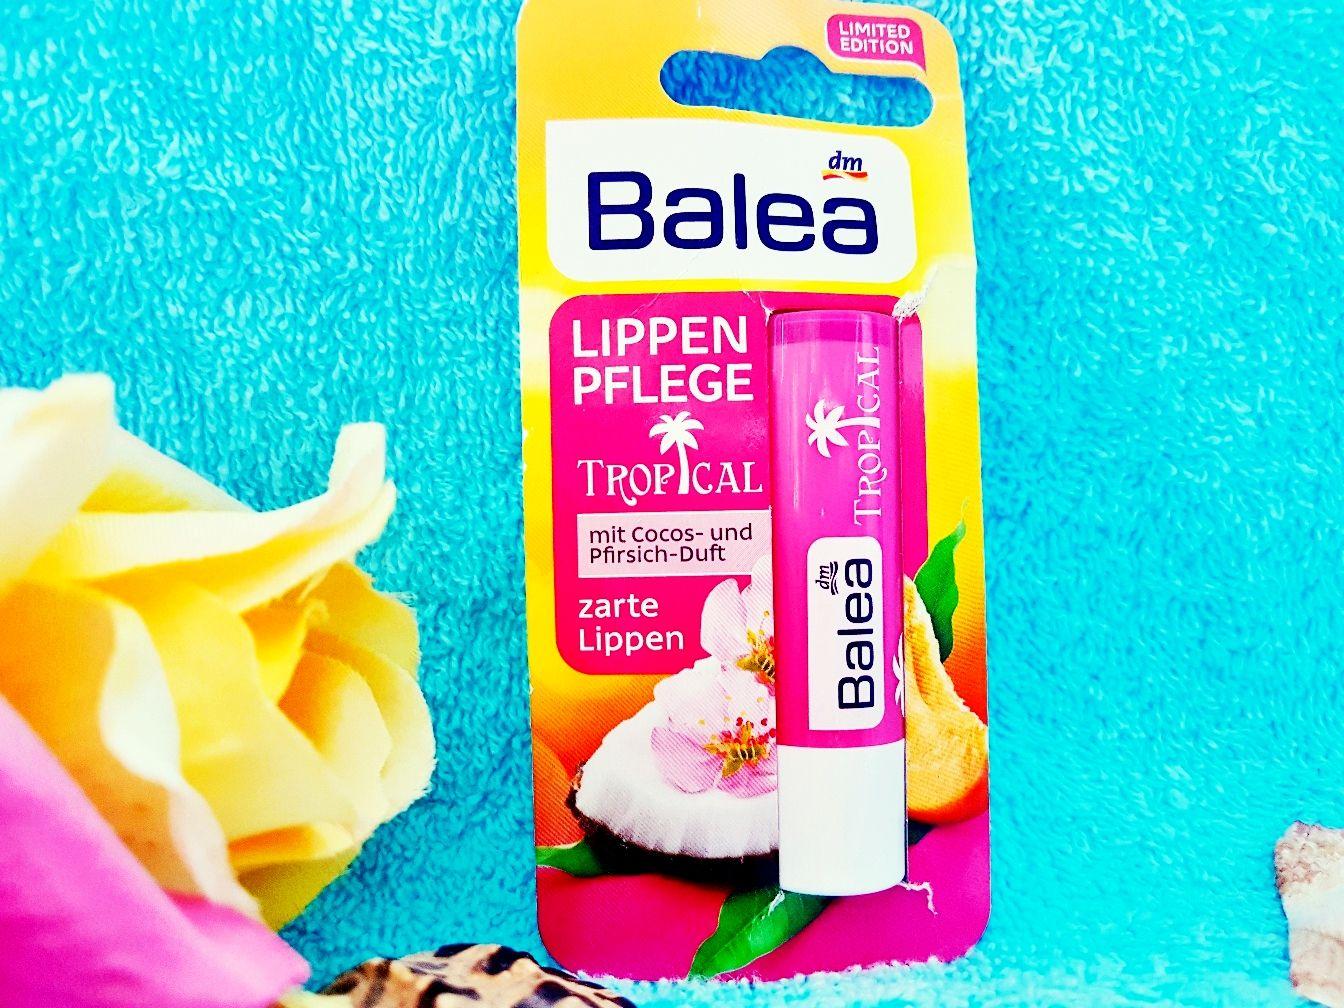 Balea Lippenpflege Tropical